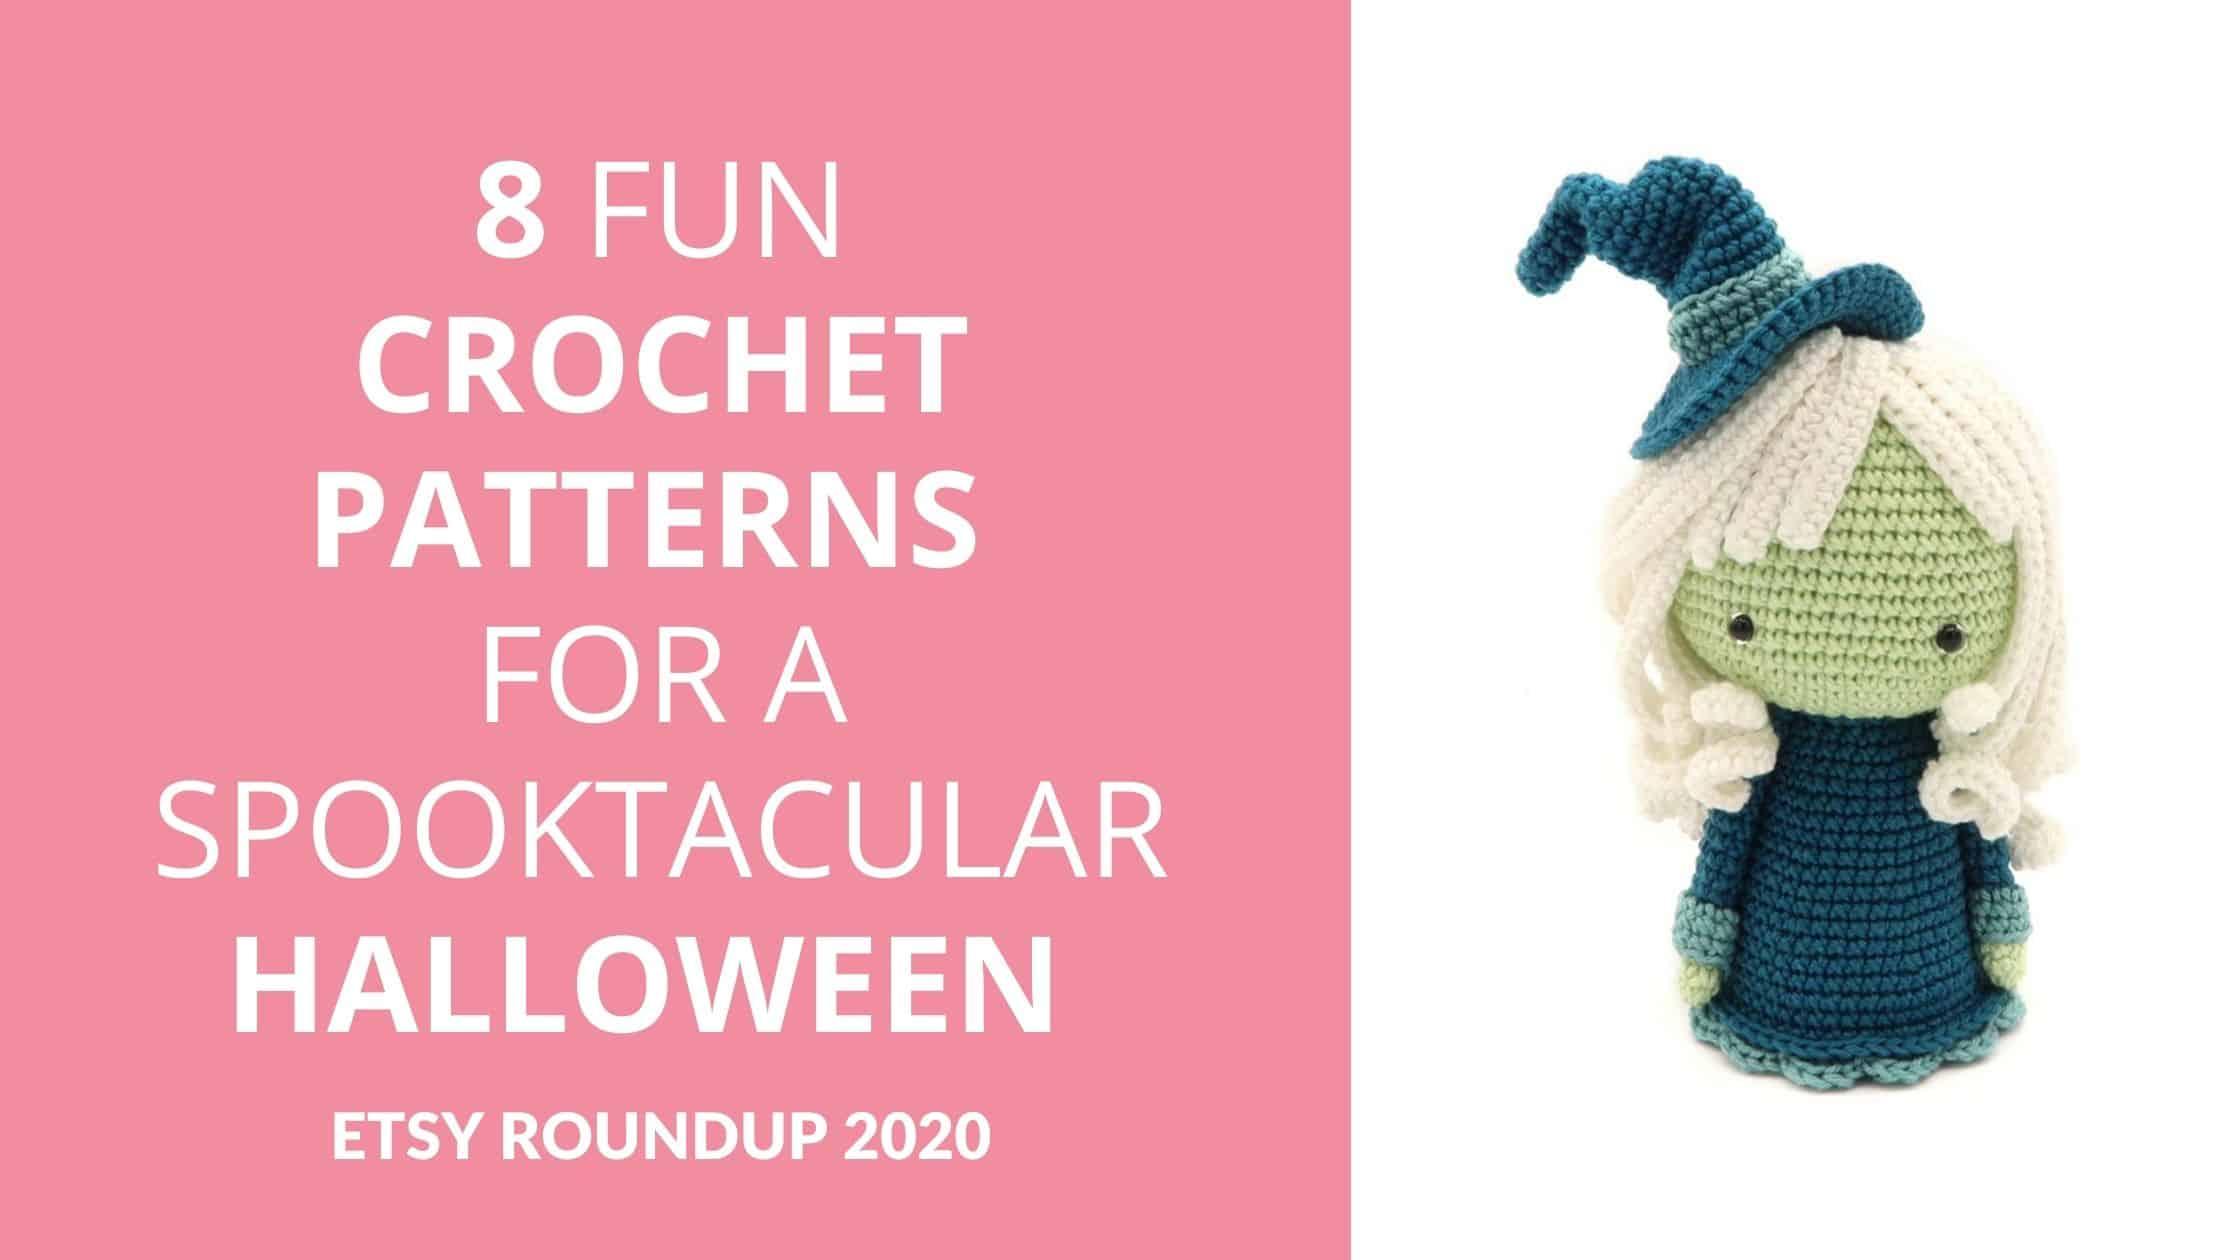 Fun Crochet Patterns For A Spooktacular Halloween - Start Crochet